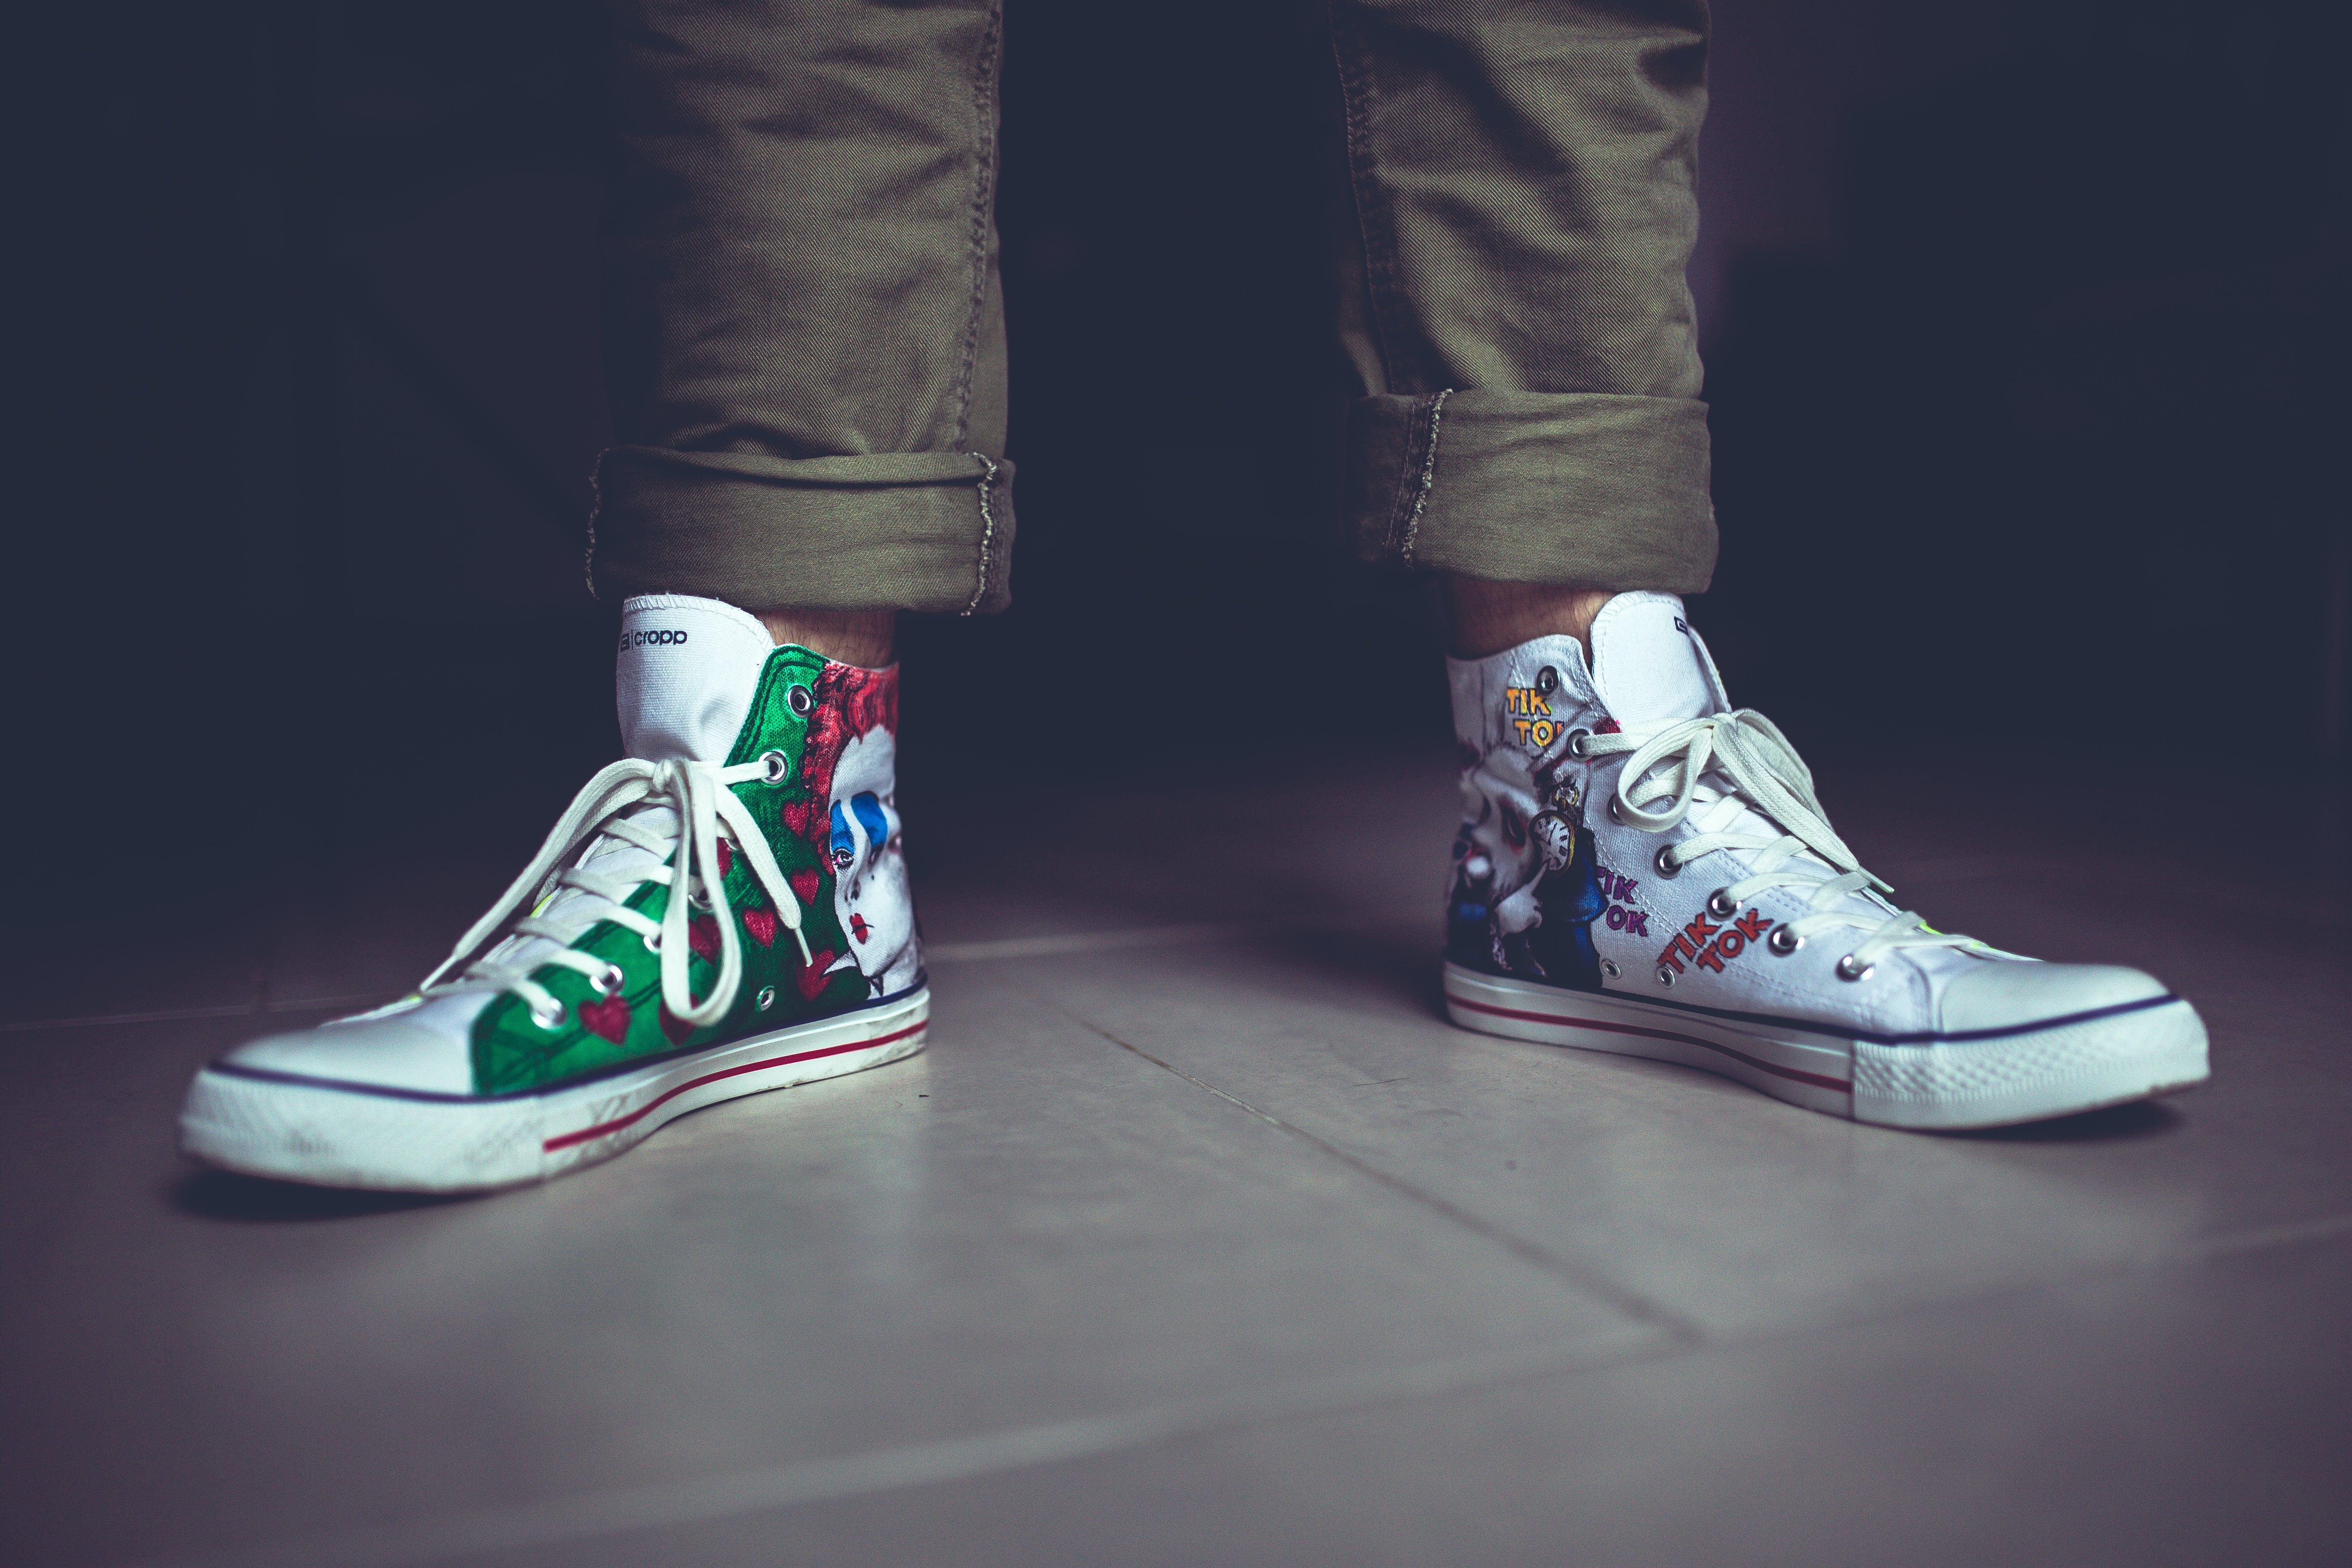 Fotos de stock gratuitas de patas, pies, zapatillas